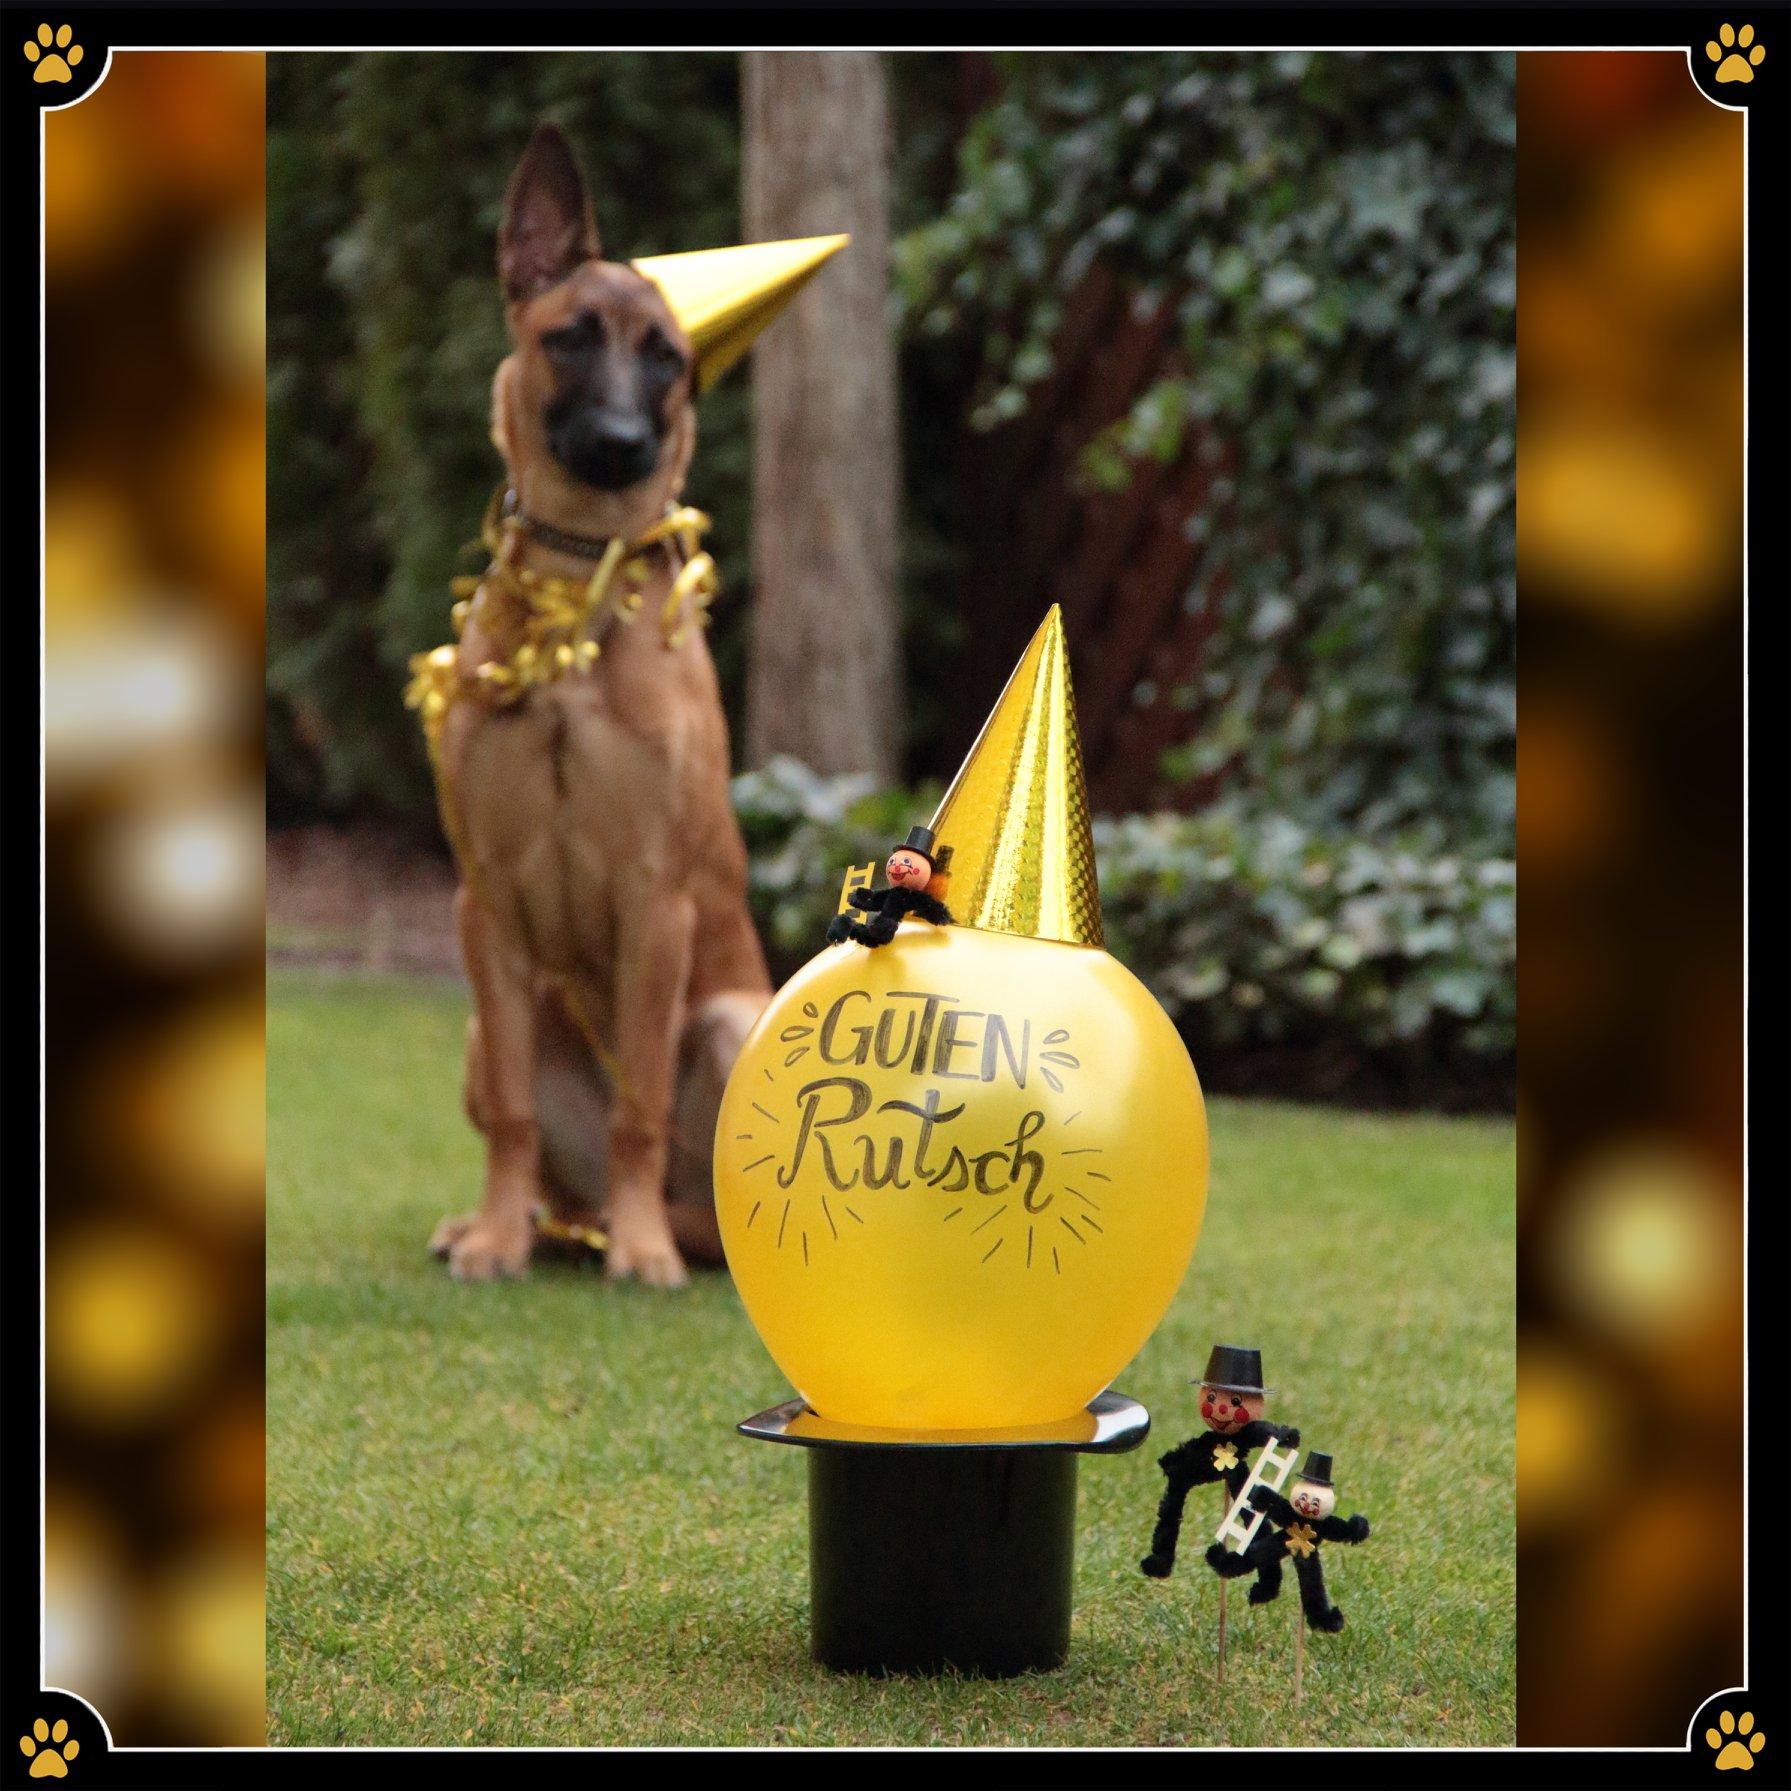 JoBaDog hilft bei den guten Vorsätzen… - Man kann es nicht leugnen – wir alle haben stets Potential uns zu verbessern. 💪Und eben das versuchen wir jedes Jahr aufs Neue. Wir wollen mehr Sport machen, mehr Zeit mit der Familie verbringen und Stress öfter vermeiden.Wieso aber widmen wir uns nicht einem ganz anderen, aber ziemlich offensichtlichen Bereich unseres Lebens und formulieren gute Trainingsvorsätze mit unserem Hund für das neue Jahr? 🐾Denn dadurch wird nicht nur die Bindung des Hund-Mensch-Teams verstärkt, sondern auch sportliche Betätigung, mehr Zeit an der frischen Luft oder gemeinsame Spaziergänge mit der Familie werden möglich – und das alles nimmt sogar den Stress aus unserem Alltag. 😜Für alle, die Unterstützung bei der Umsetzung der guten Trainingsvorsätze brauchen gibt es gute Neuigkeiten, denn ich bin seit dem 3. Januar wieder für auch da! 🎉JoBaDog wünscht ein frohes neues Jahr 🎊💛